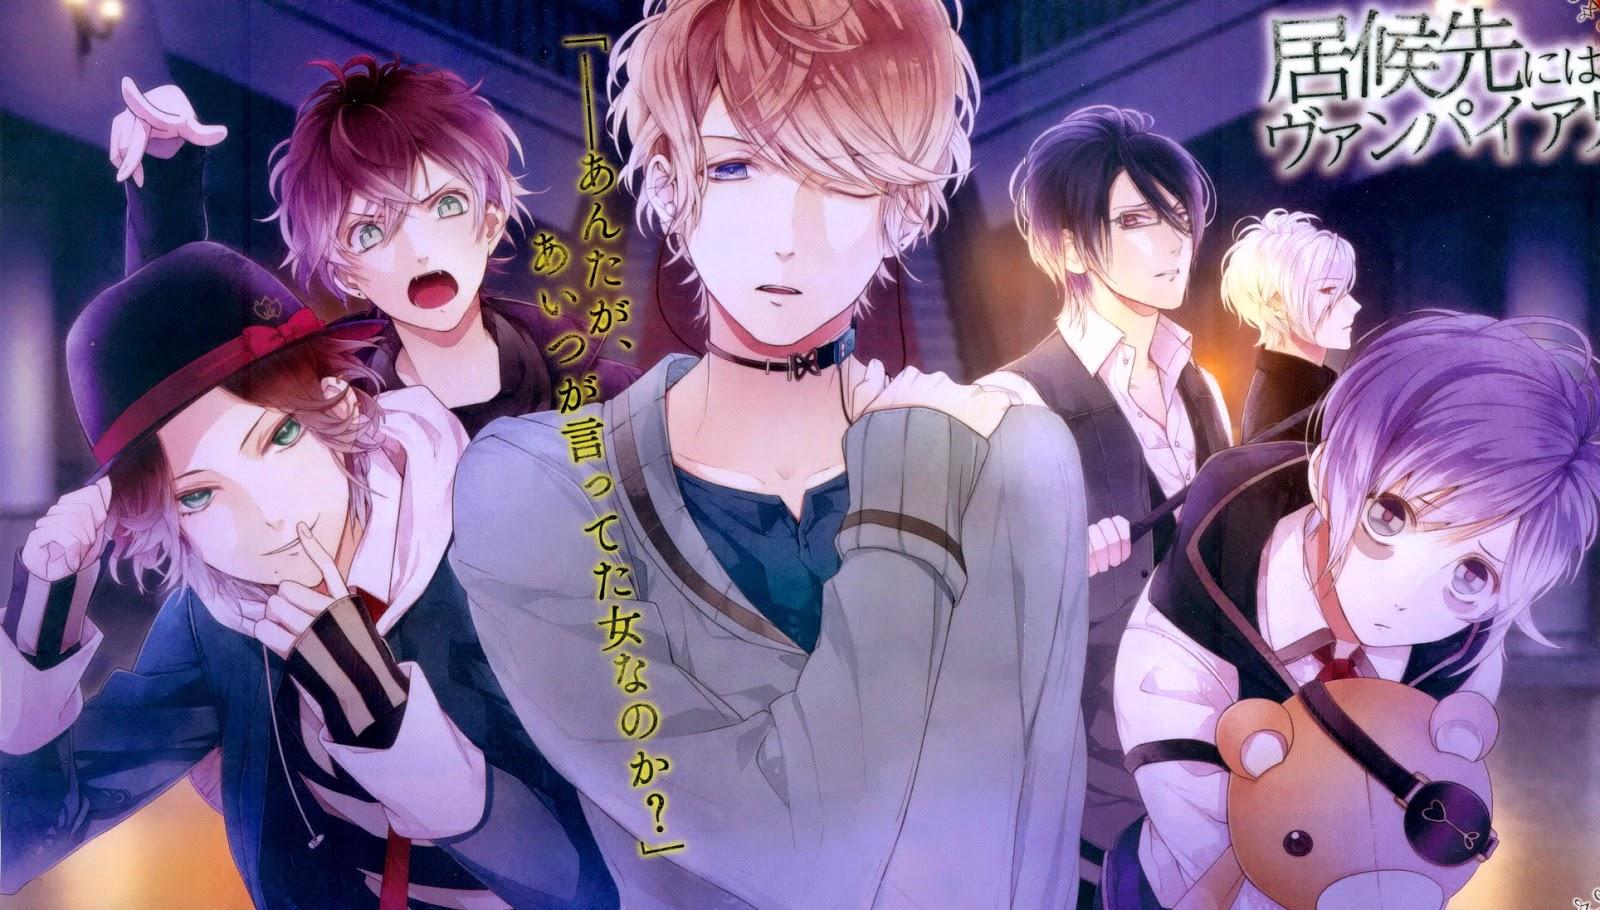 http://www.nwanime.com/diabolik-lovers/anime/3447/